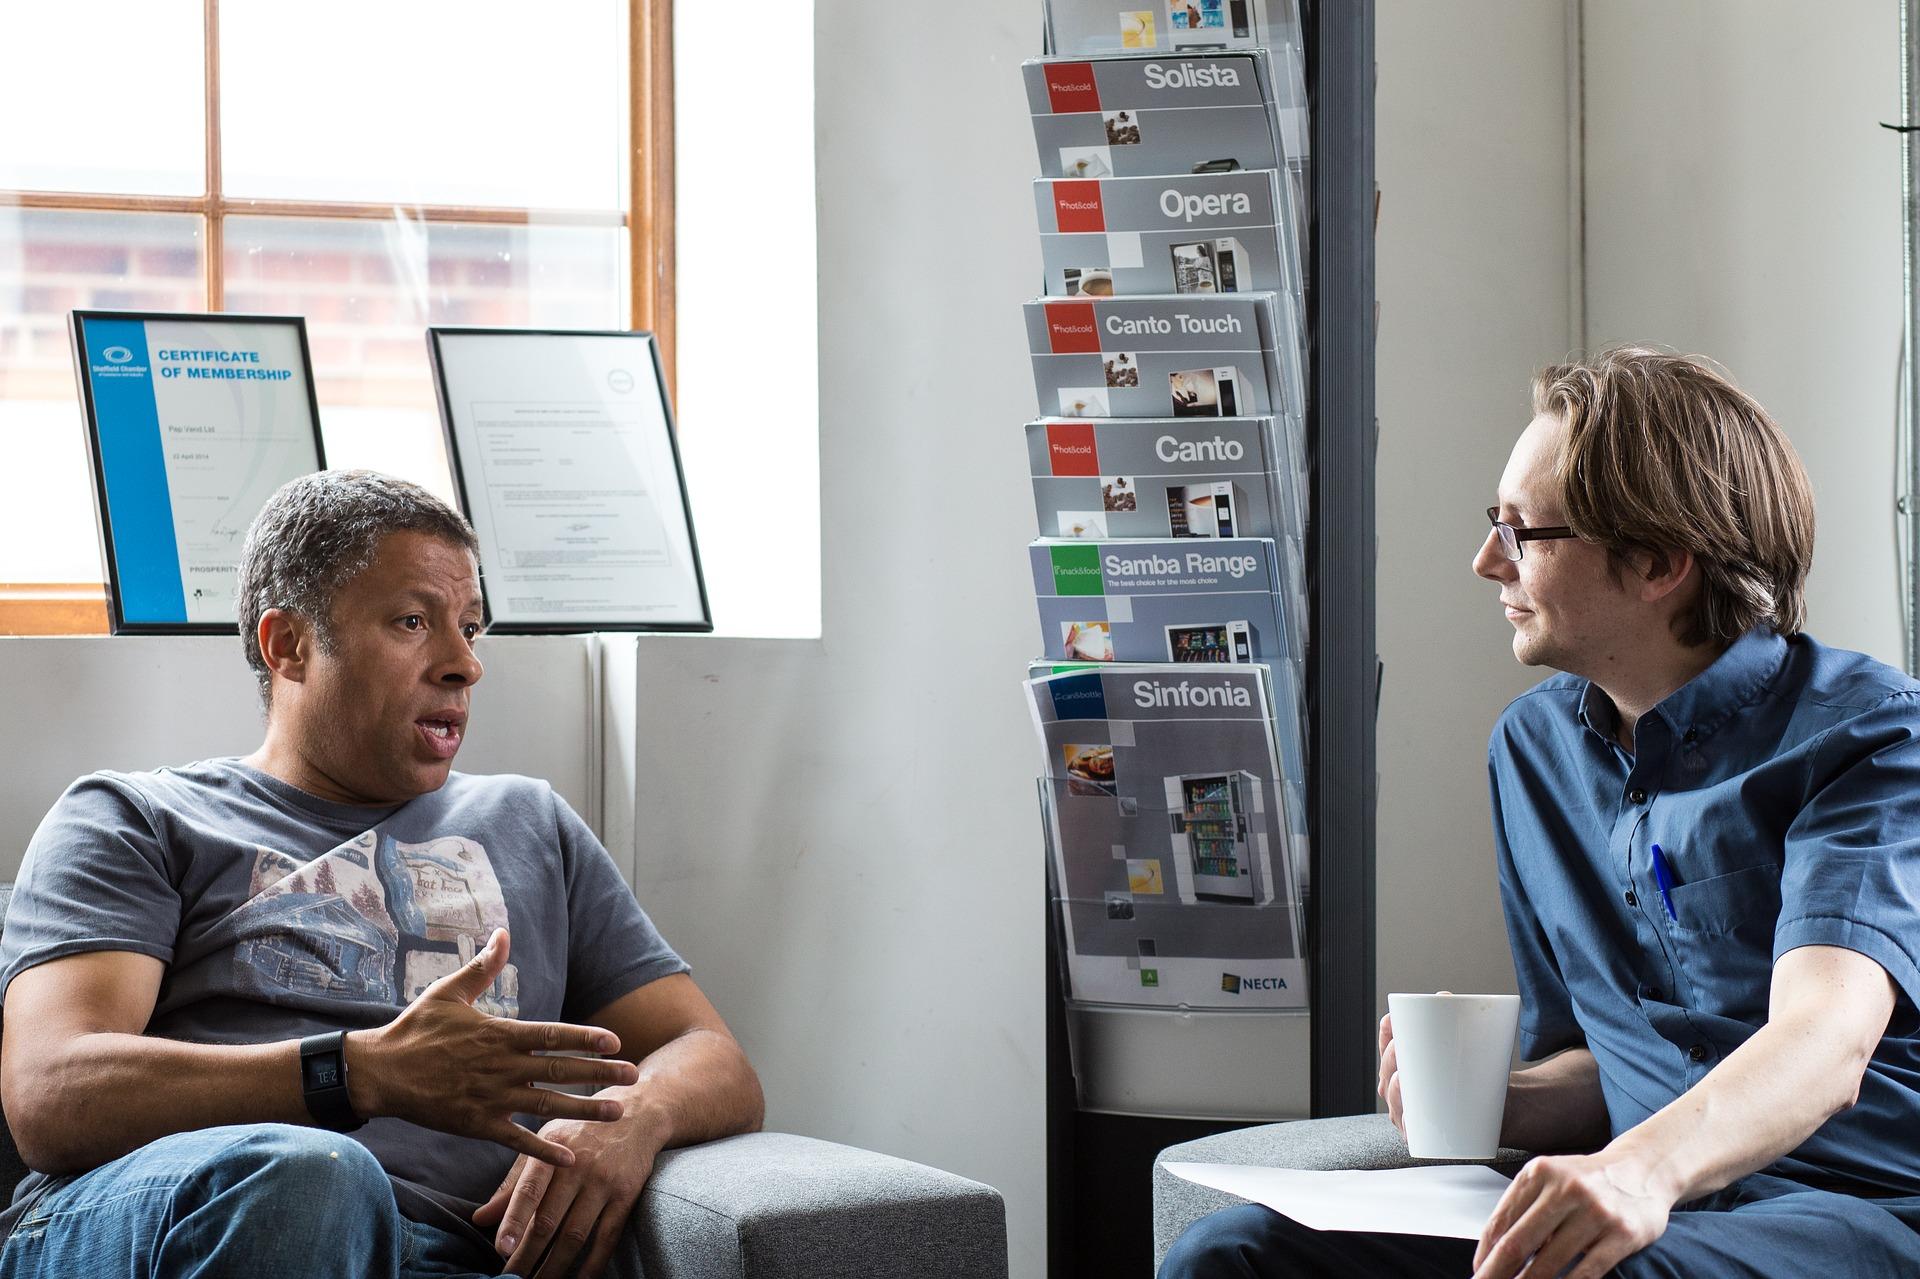 Kaksi miestä keskustelemassa